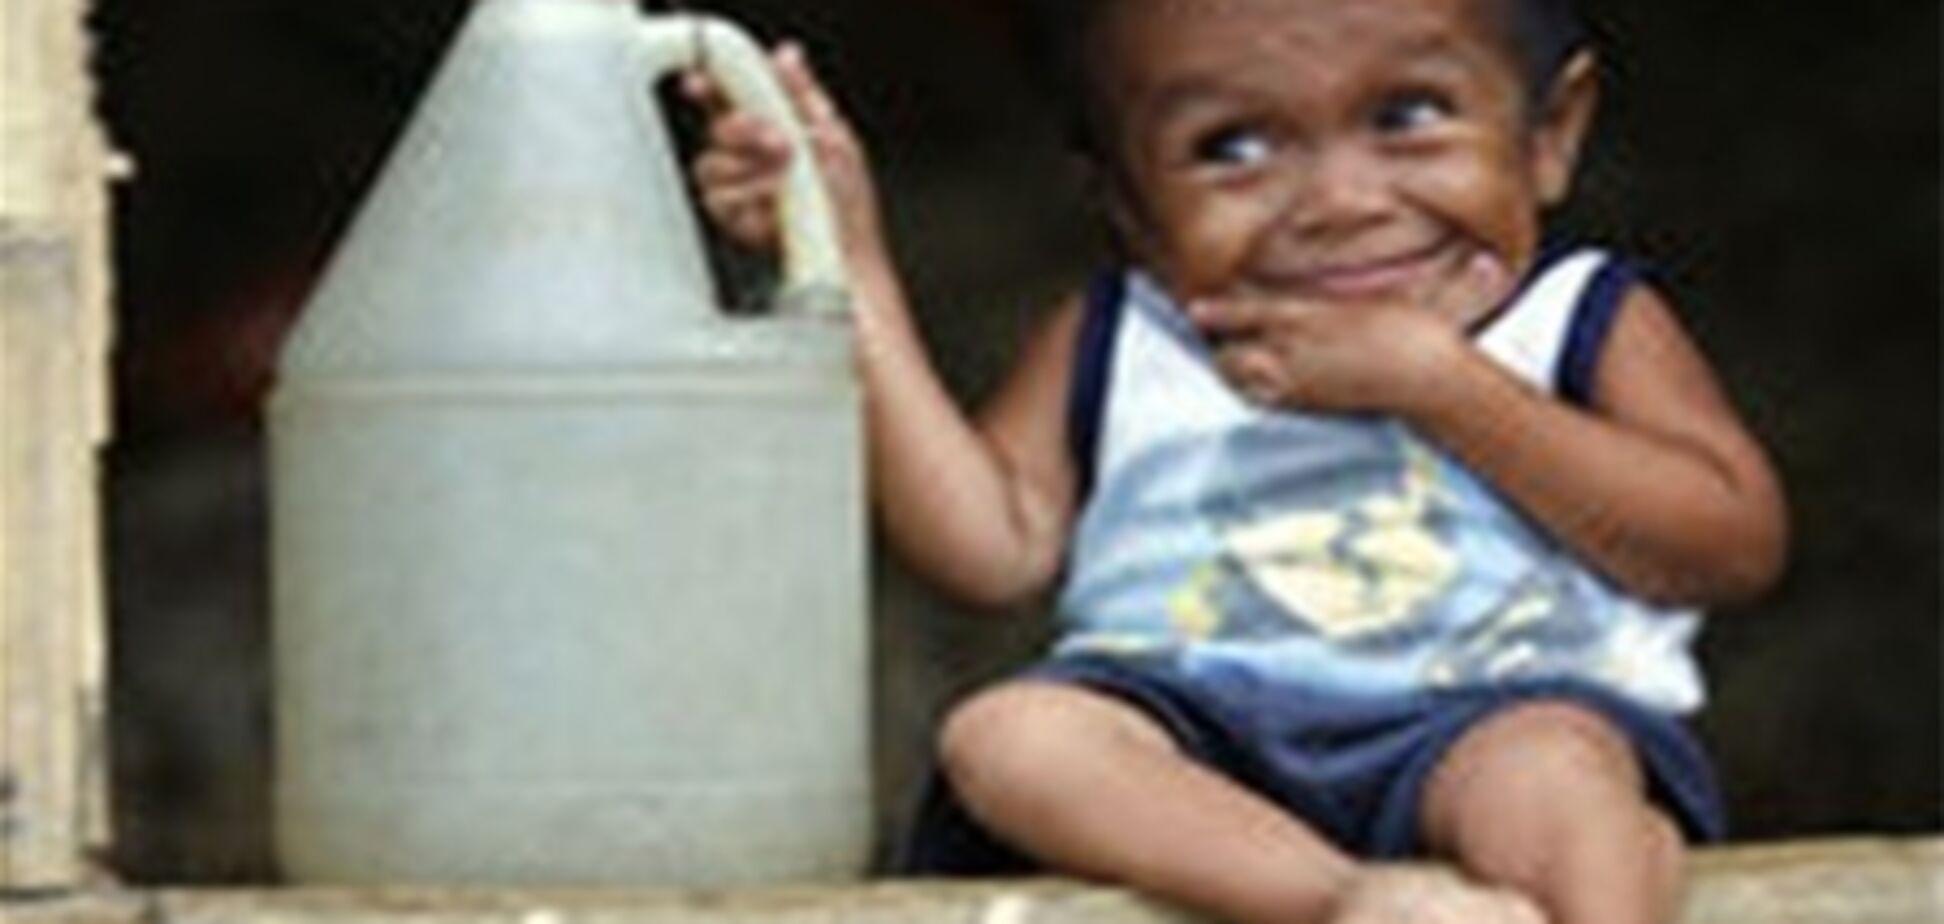 Житель Філіппін визнаний найменшою людиною в світі